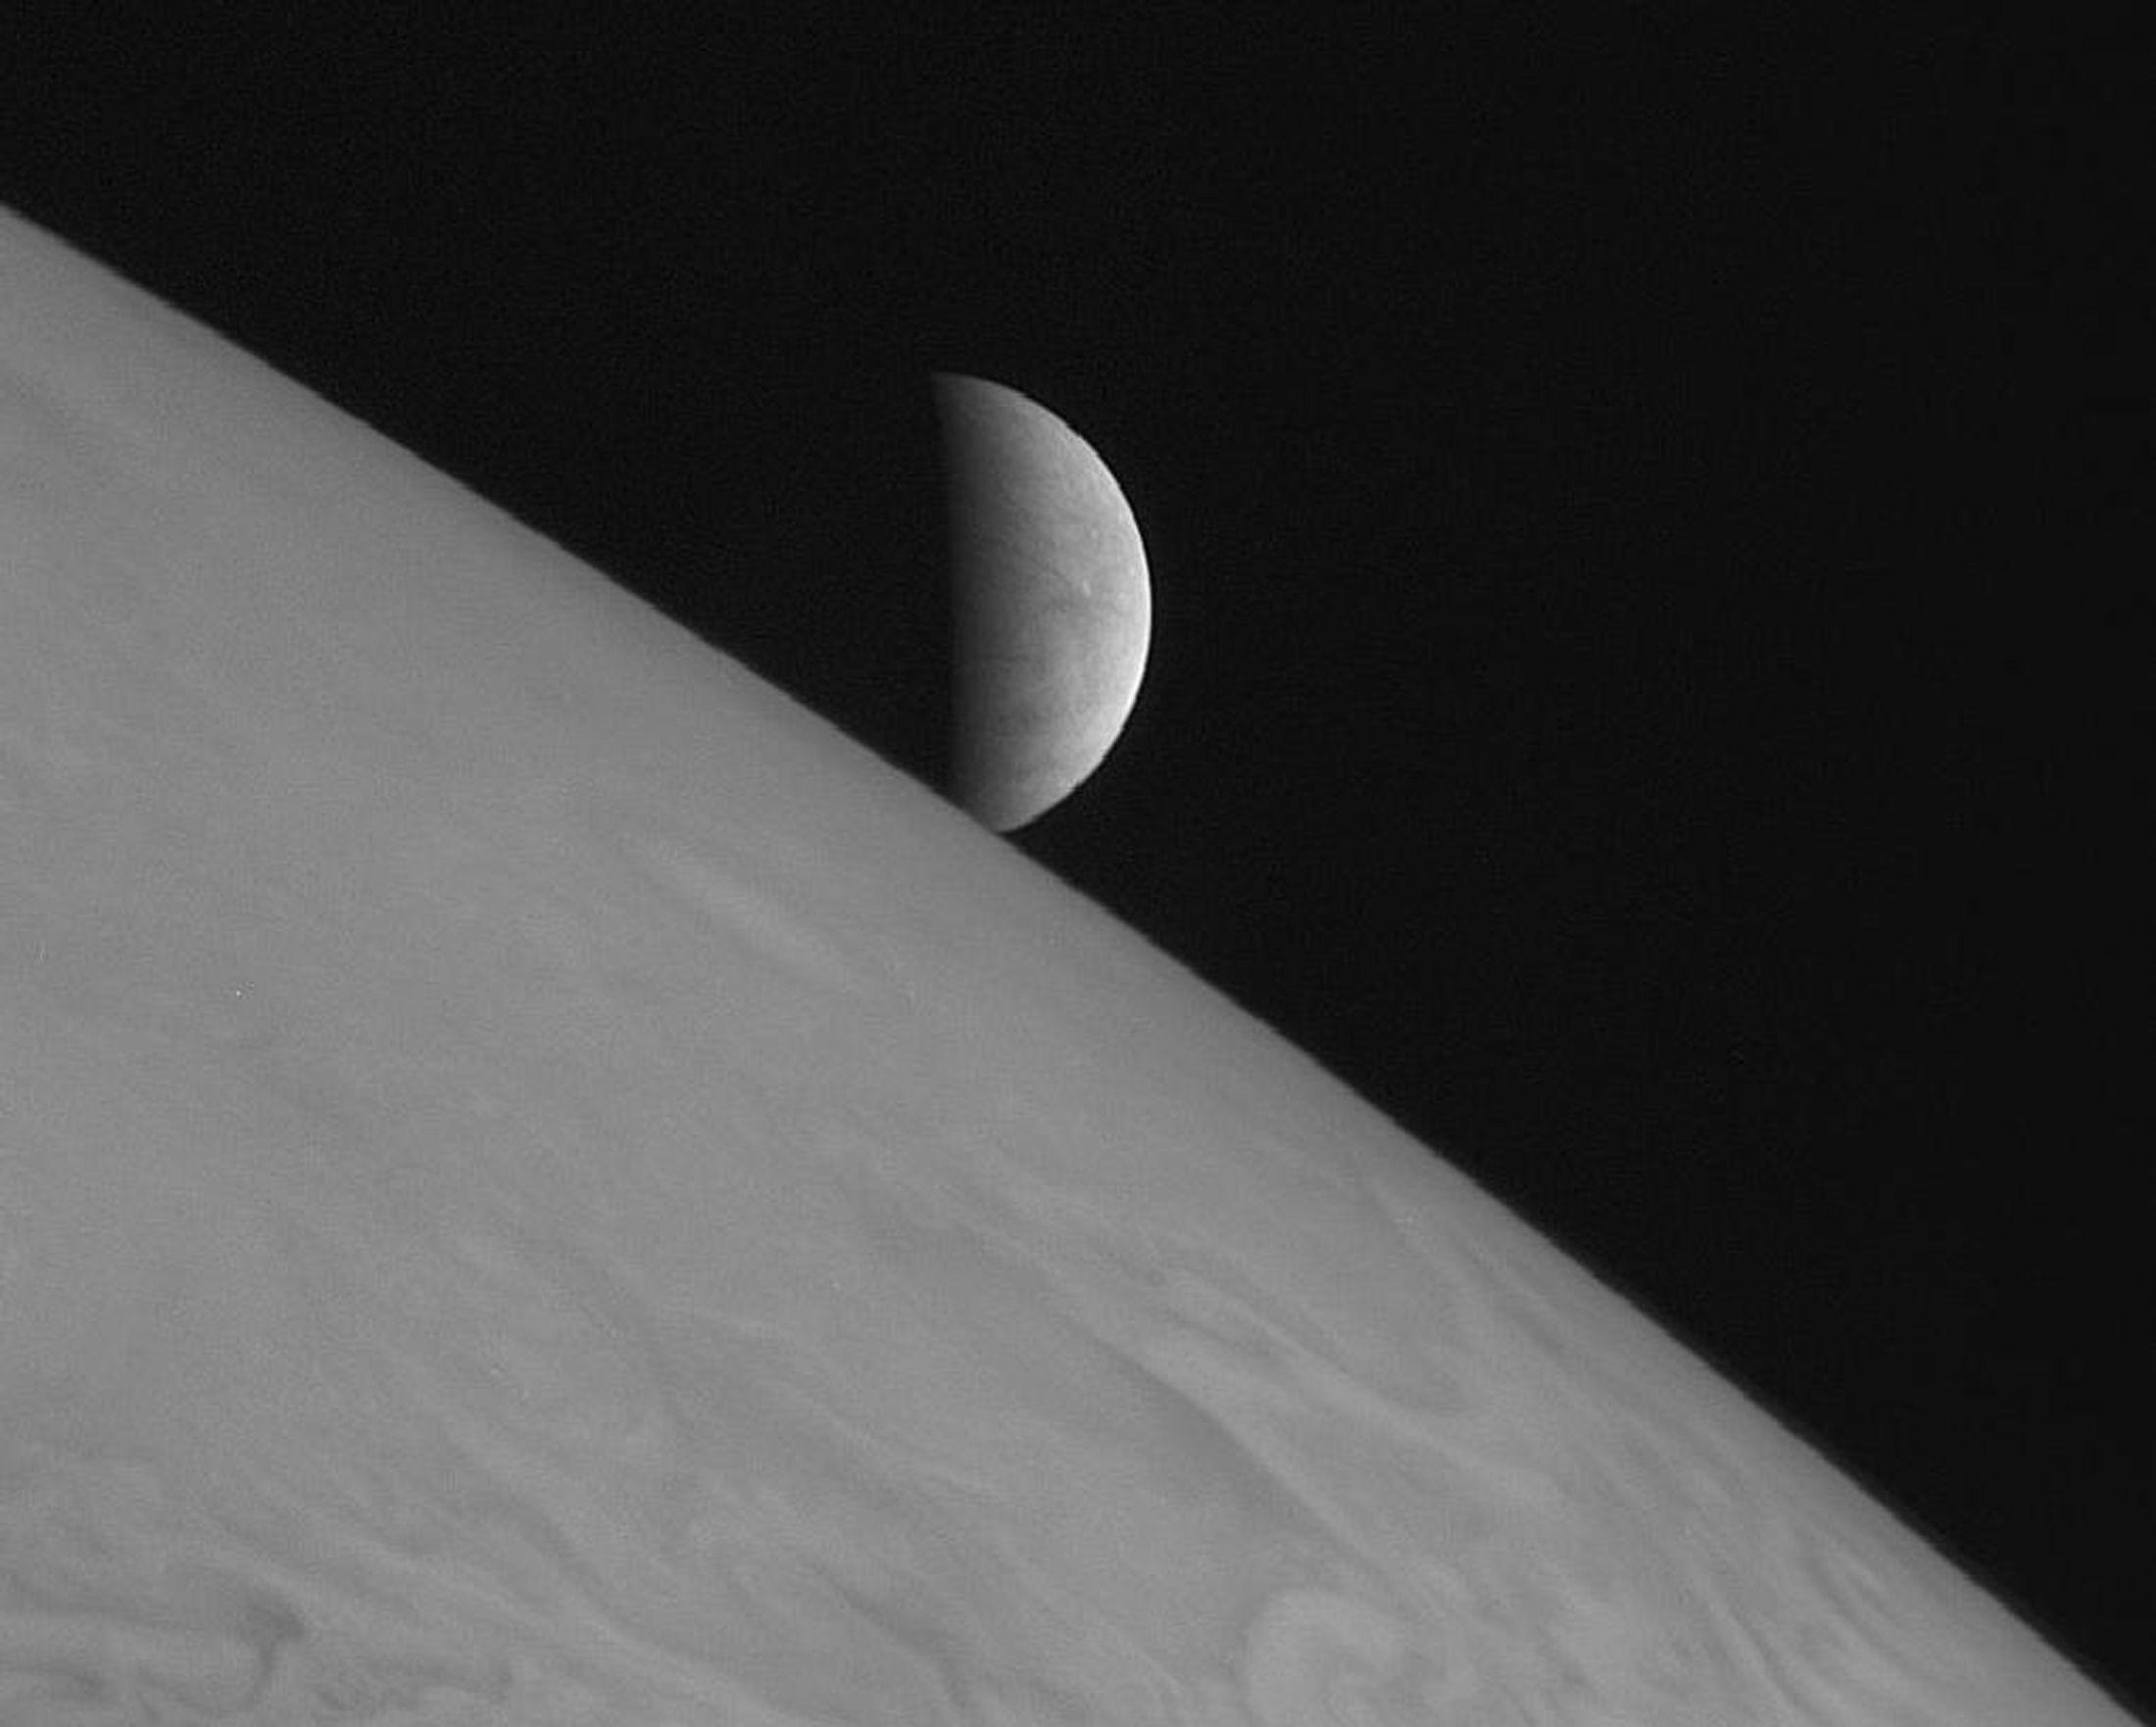 Europe, satellite de Jupiter, pourrait offrir un possibilité de vie extraterrestre bien plus foisonnante que la planète Mars qui monopolise l'attention